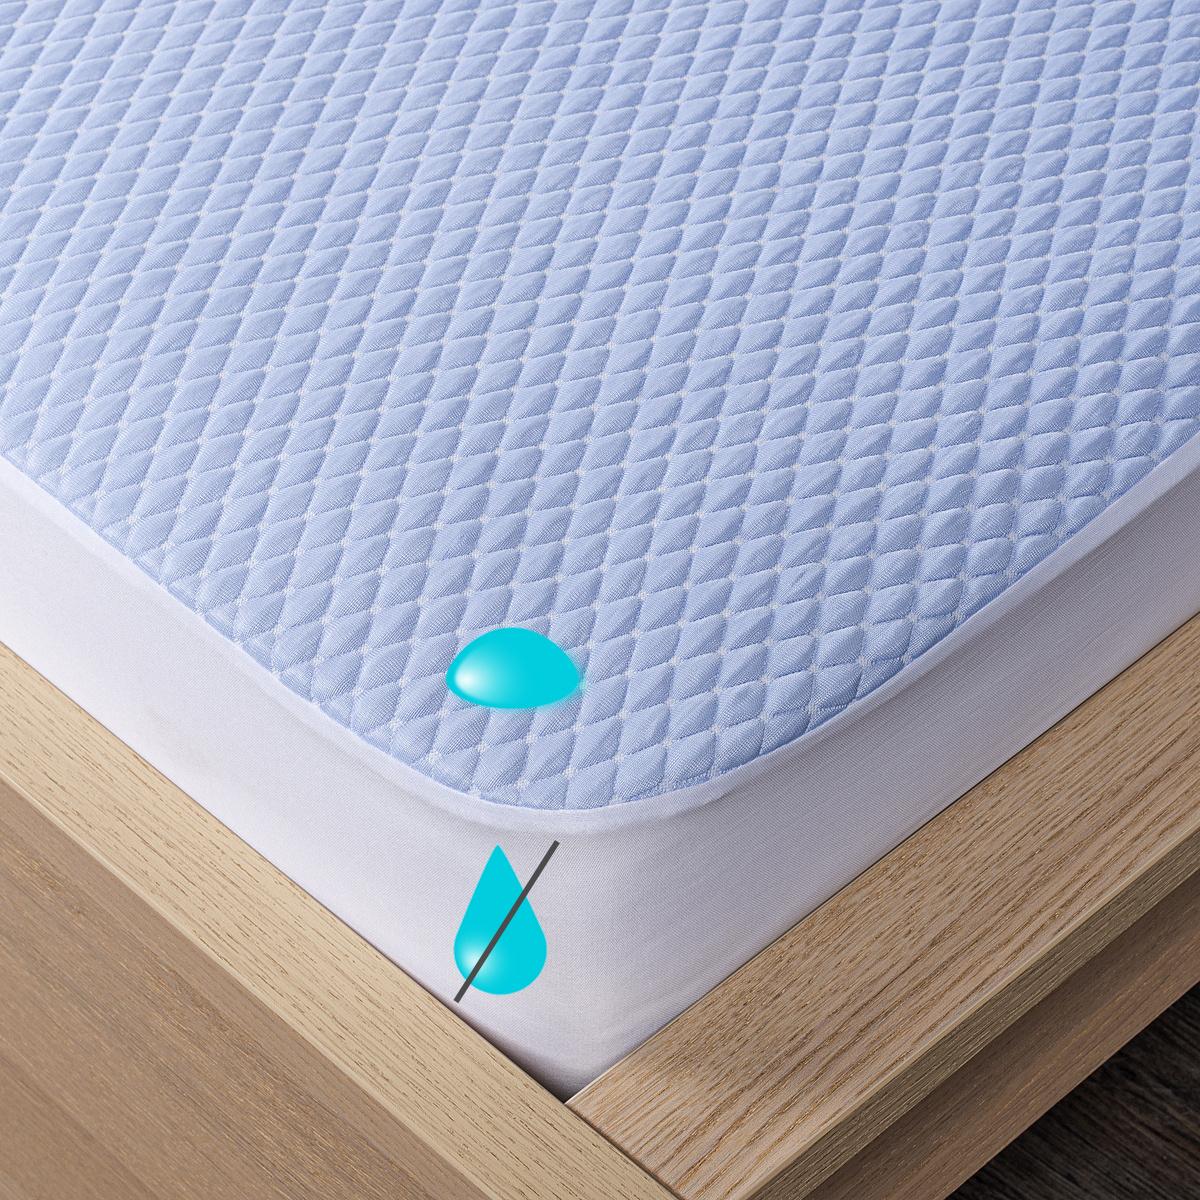 4Home Chladicí nepropustný chránič matrace s lemem Cooler, 160 x 200 cm